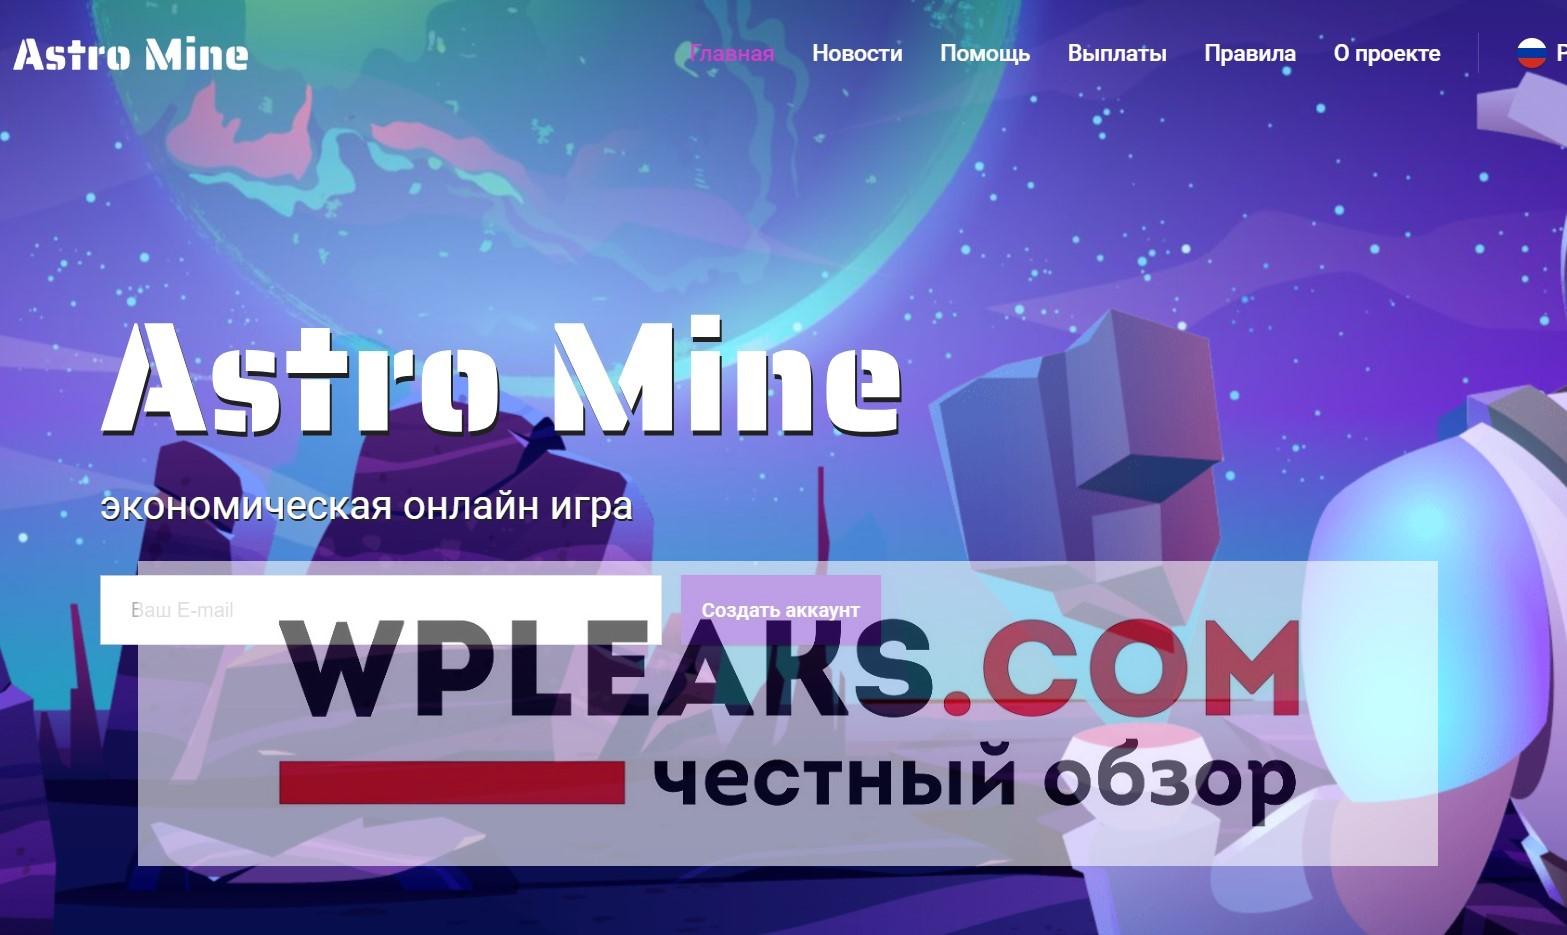 astro-mine.net обзор